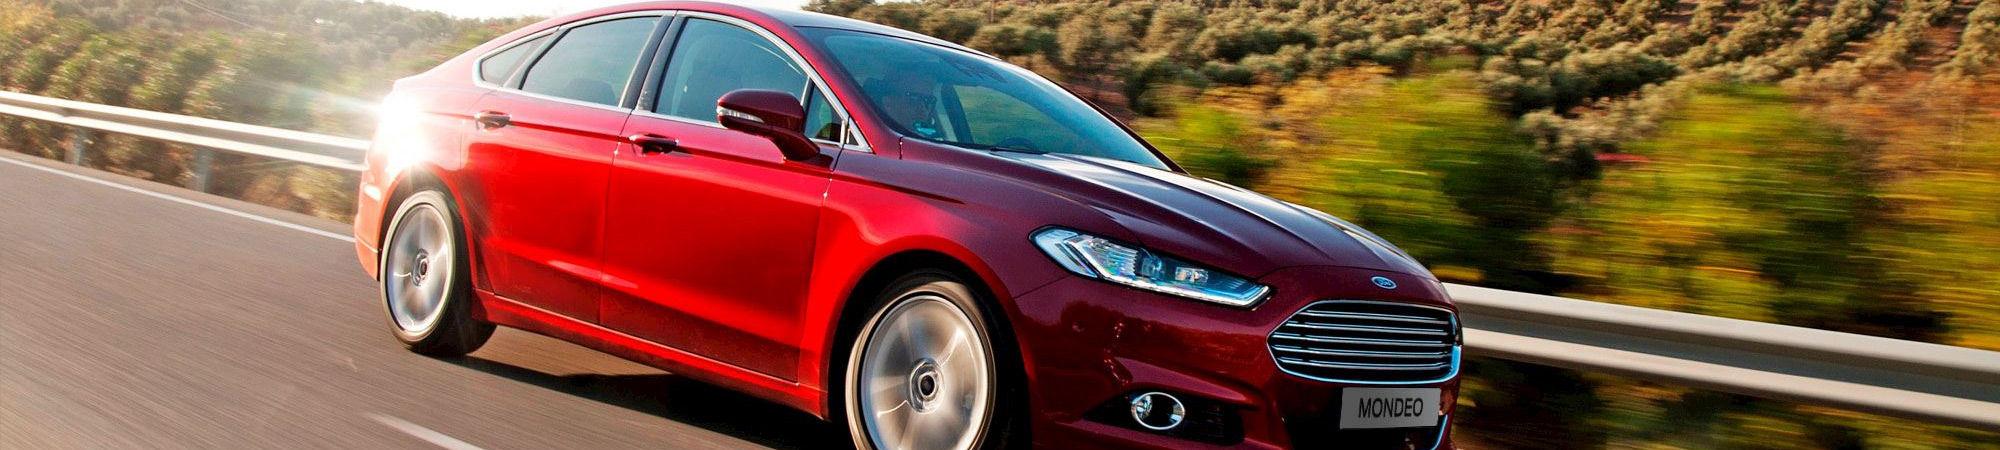 Monipuolisesta Ford mallistosta löytyy auto jokaiselle